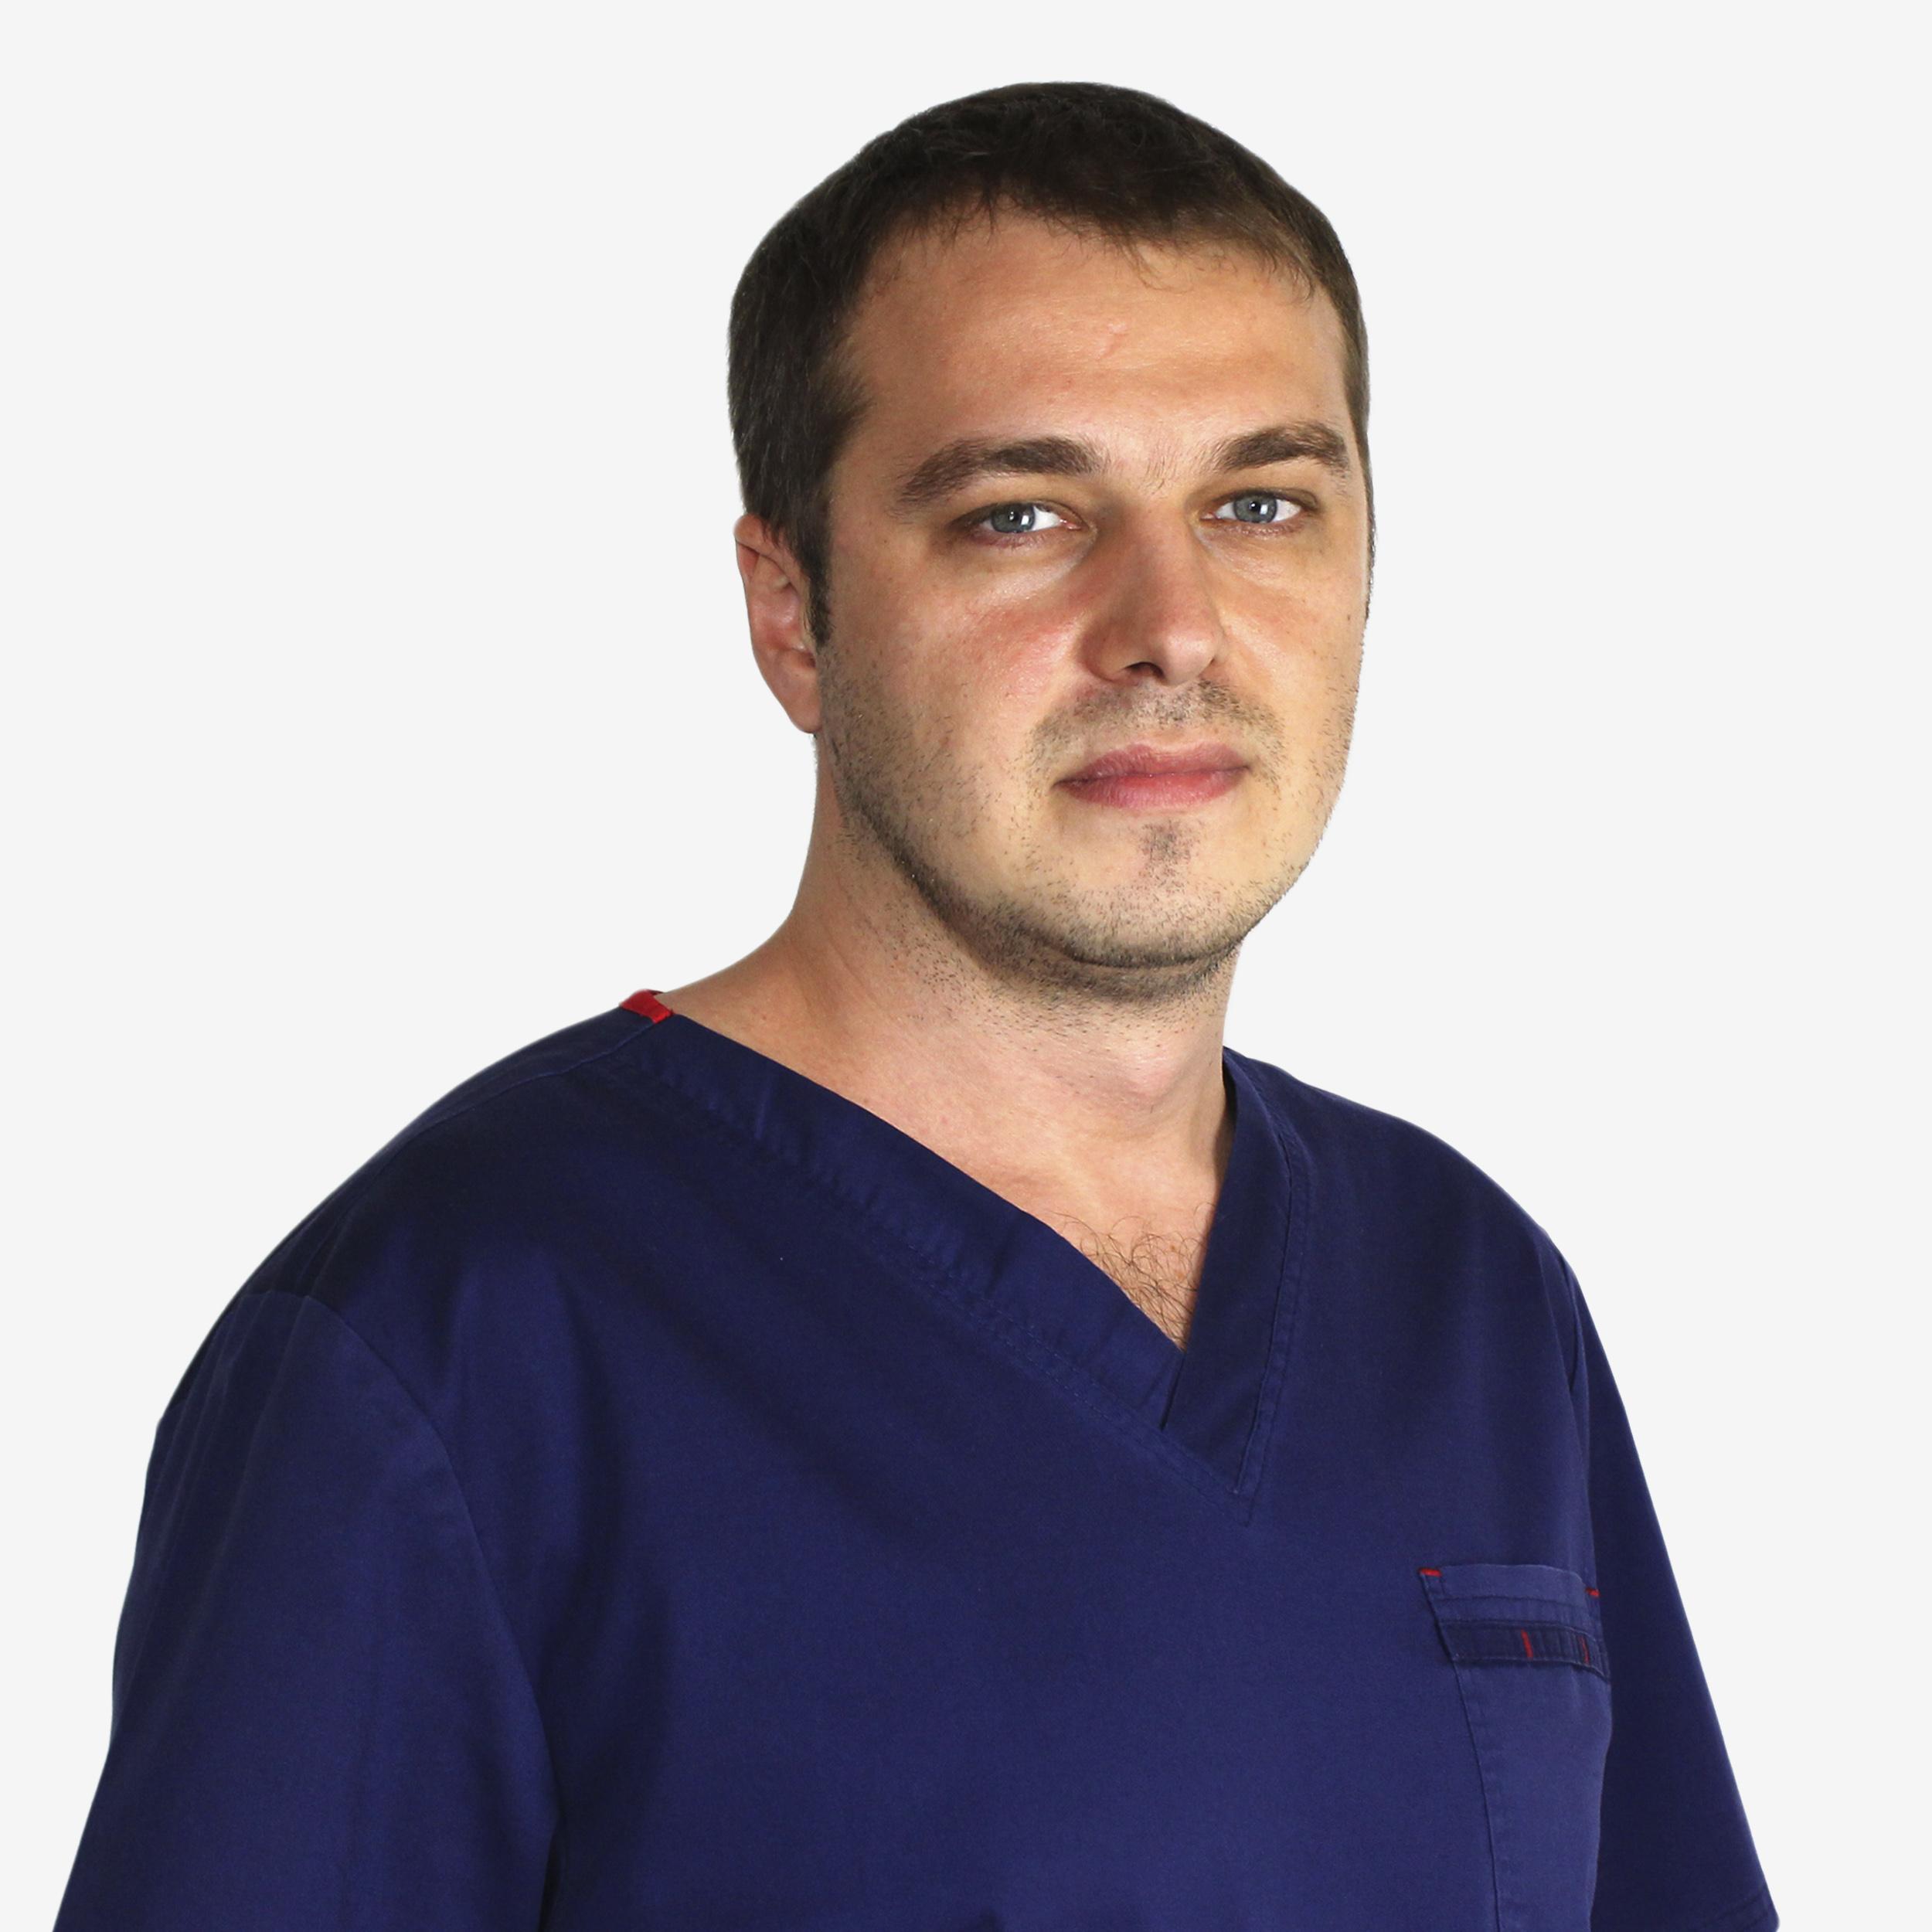 Дмитриев Сергей Александрович